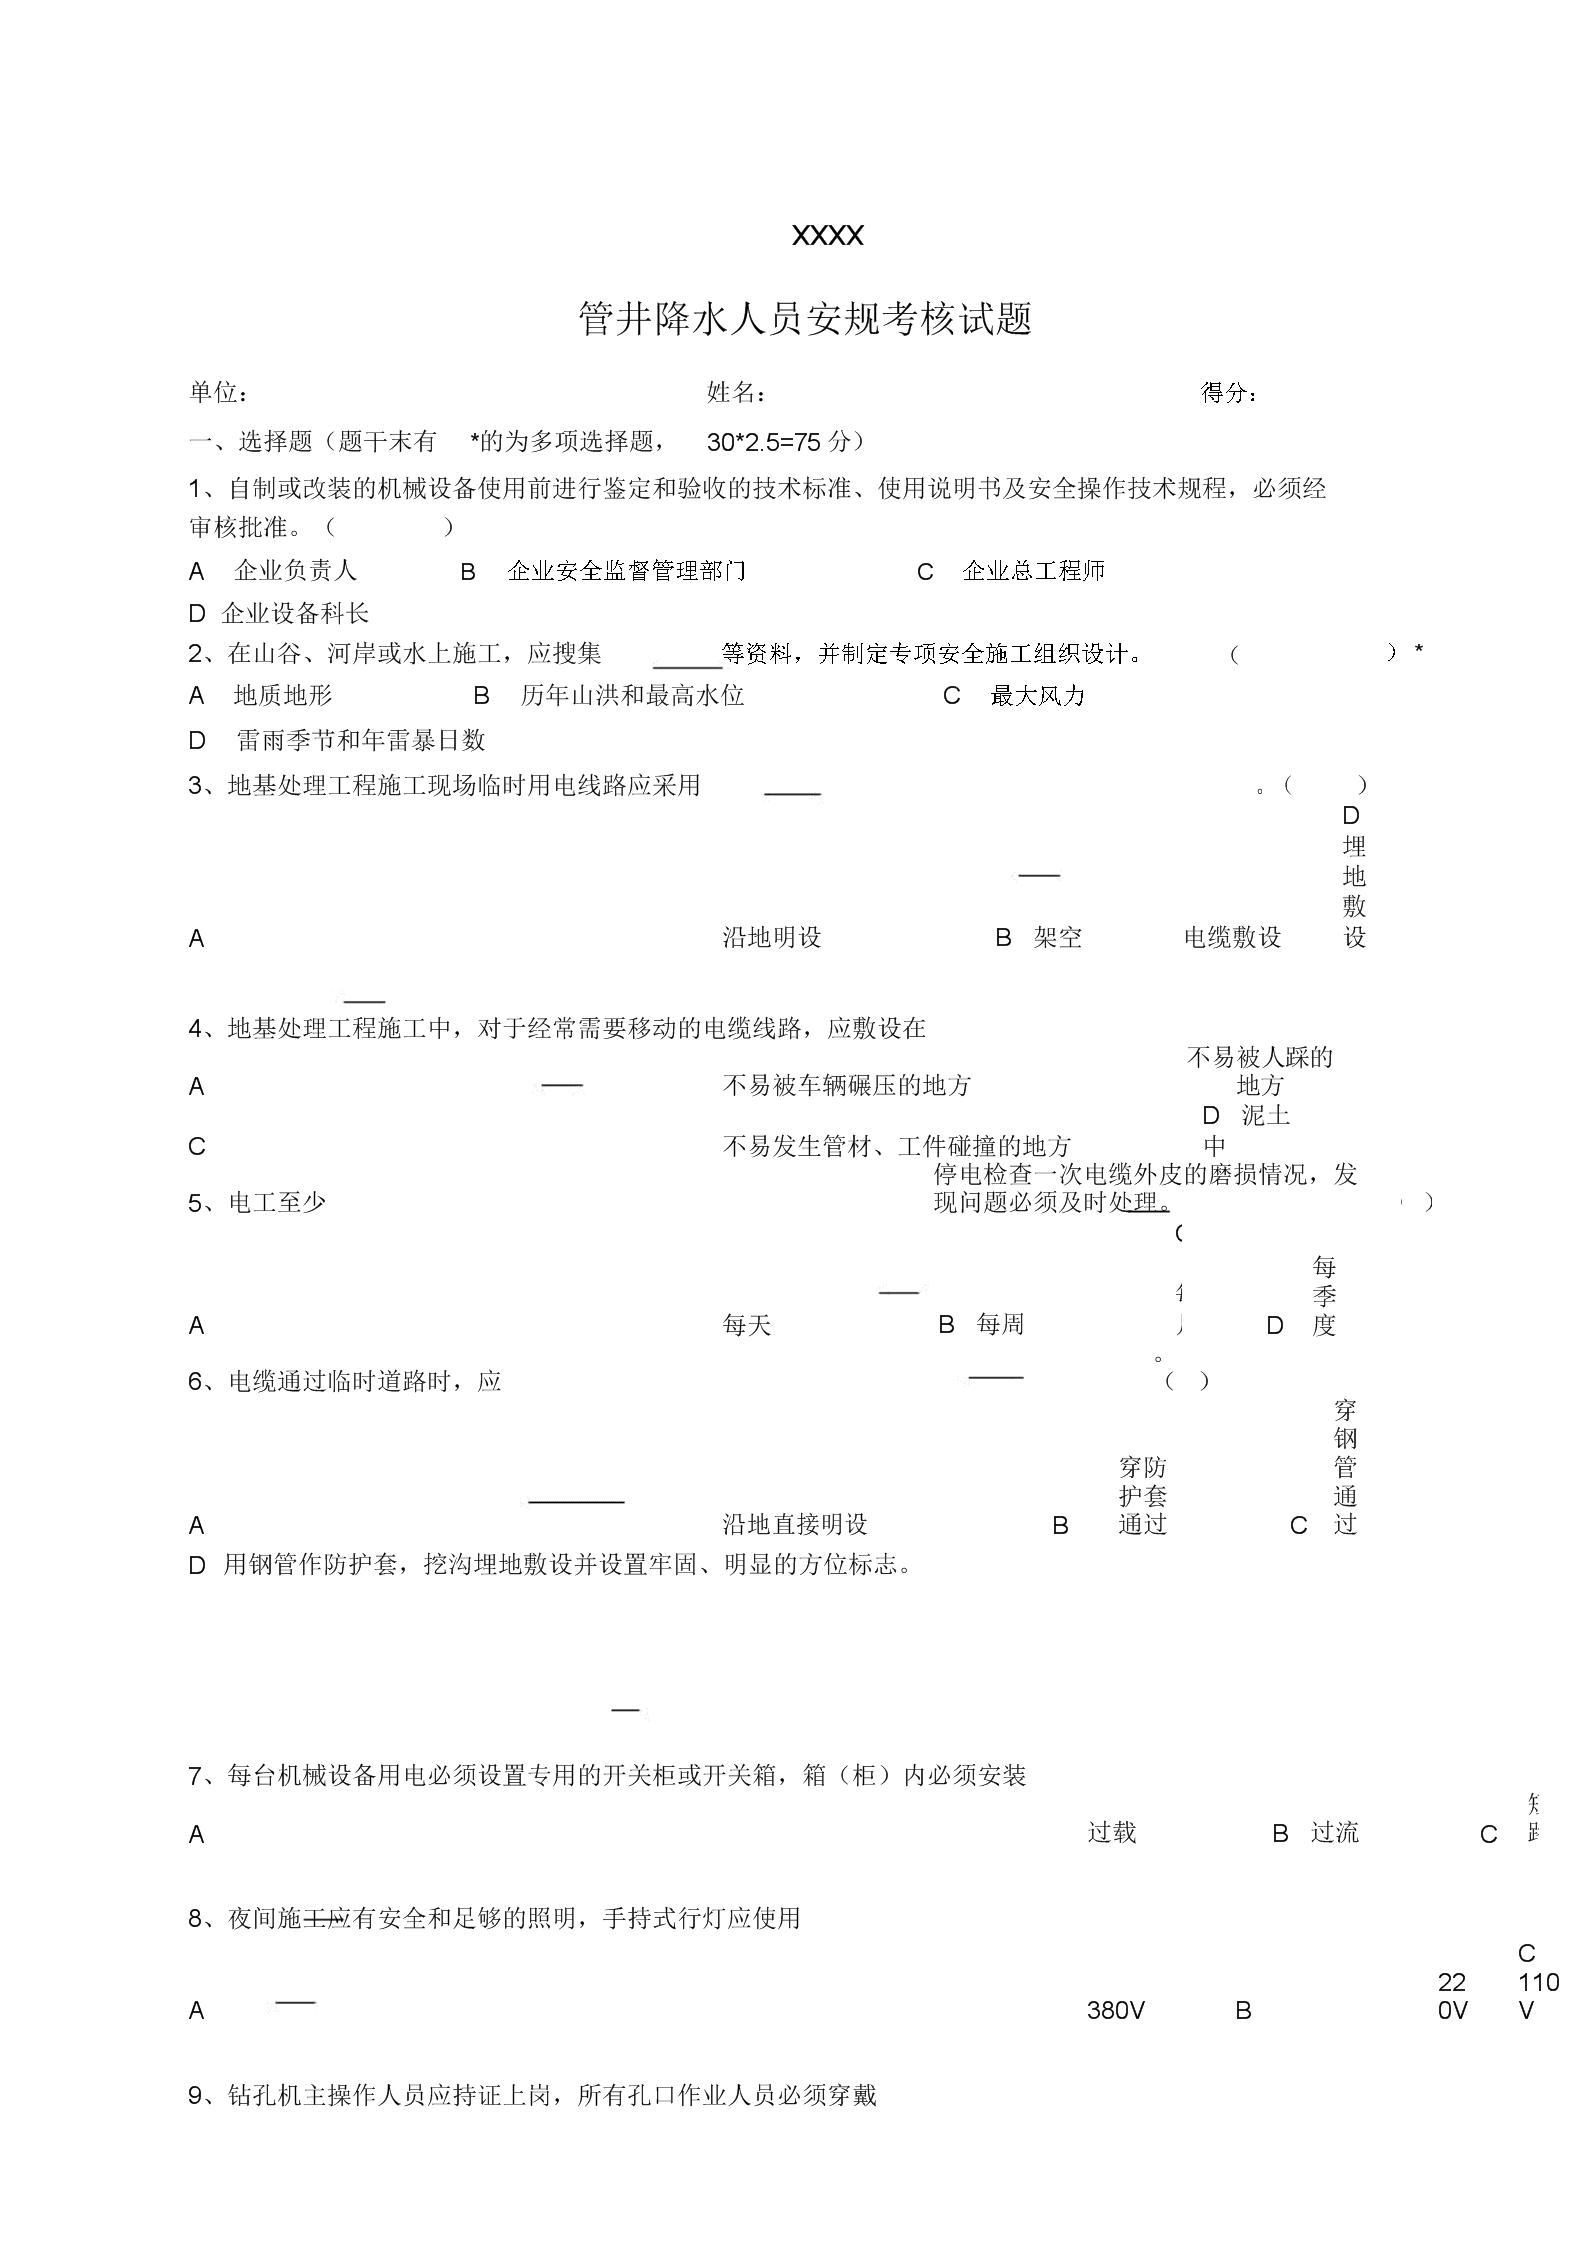 管井降水人员安规考试.docx